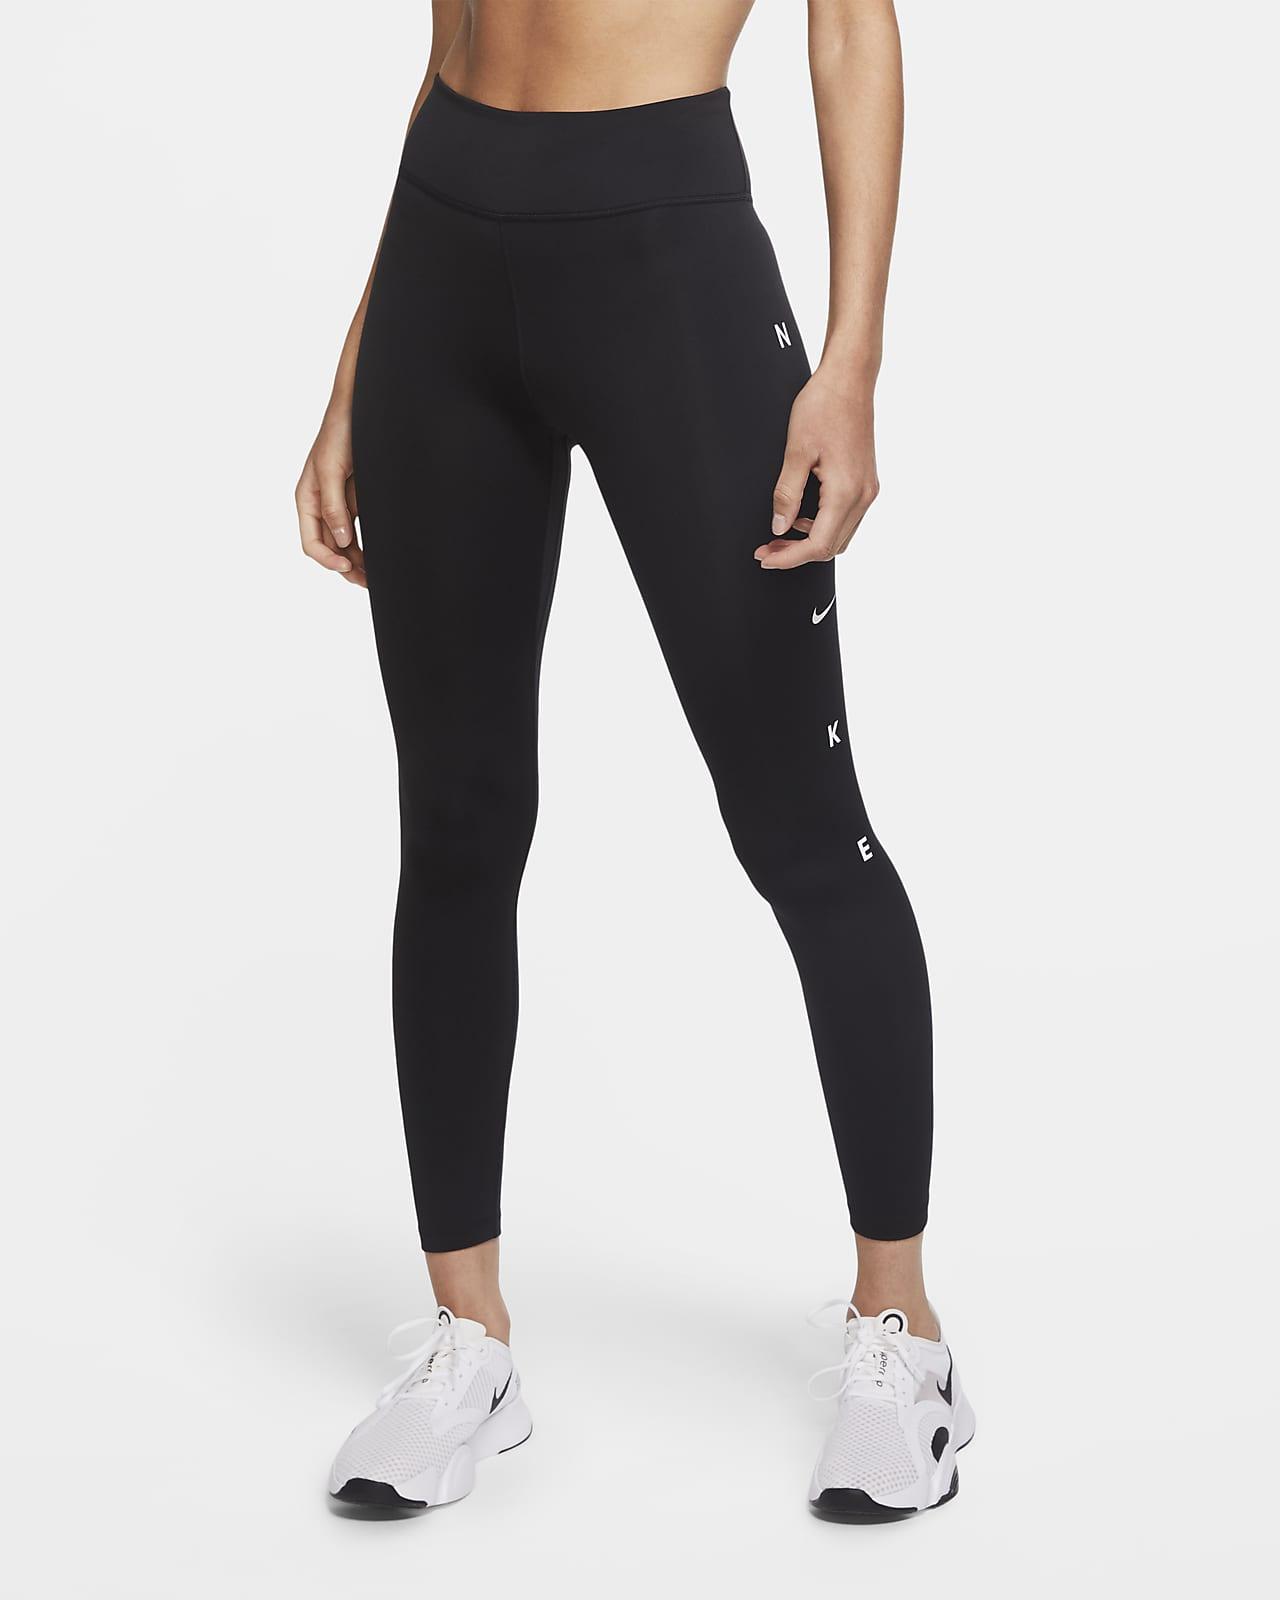 Женские слегка укороченные тайтсы с графикой Nike One